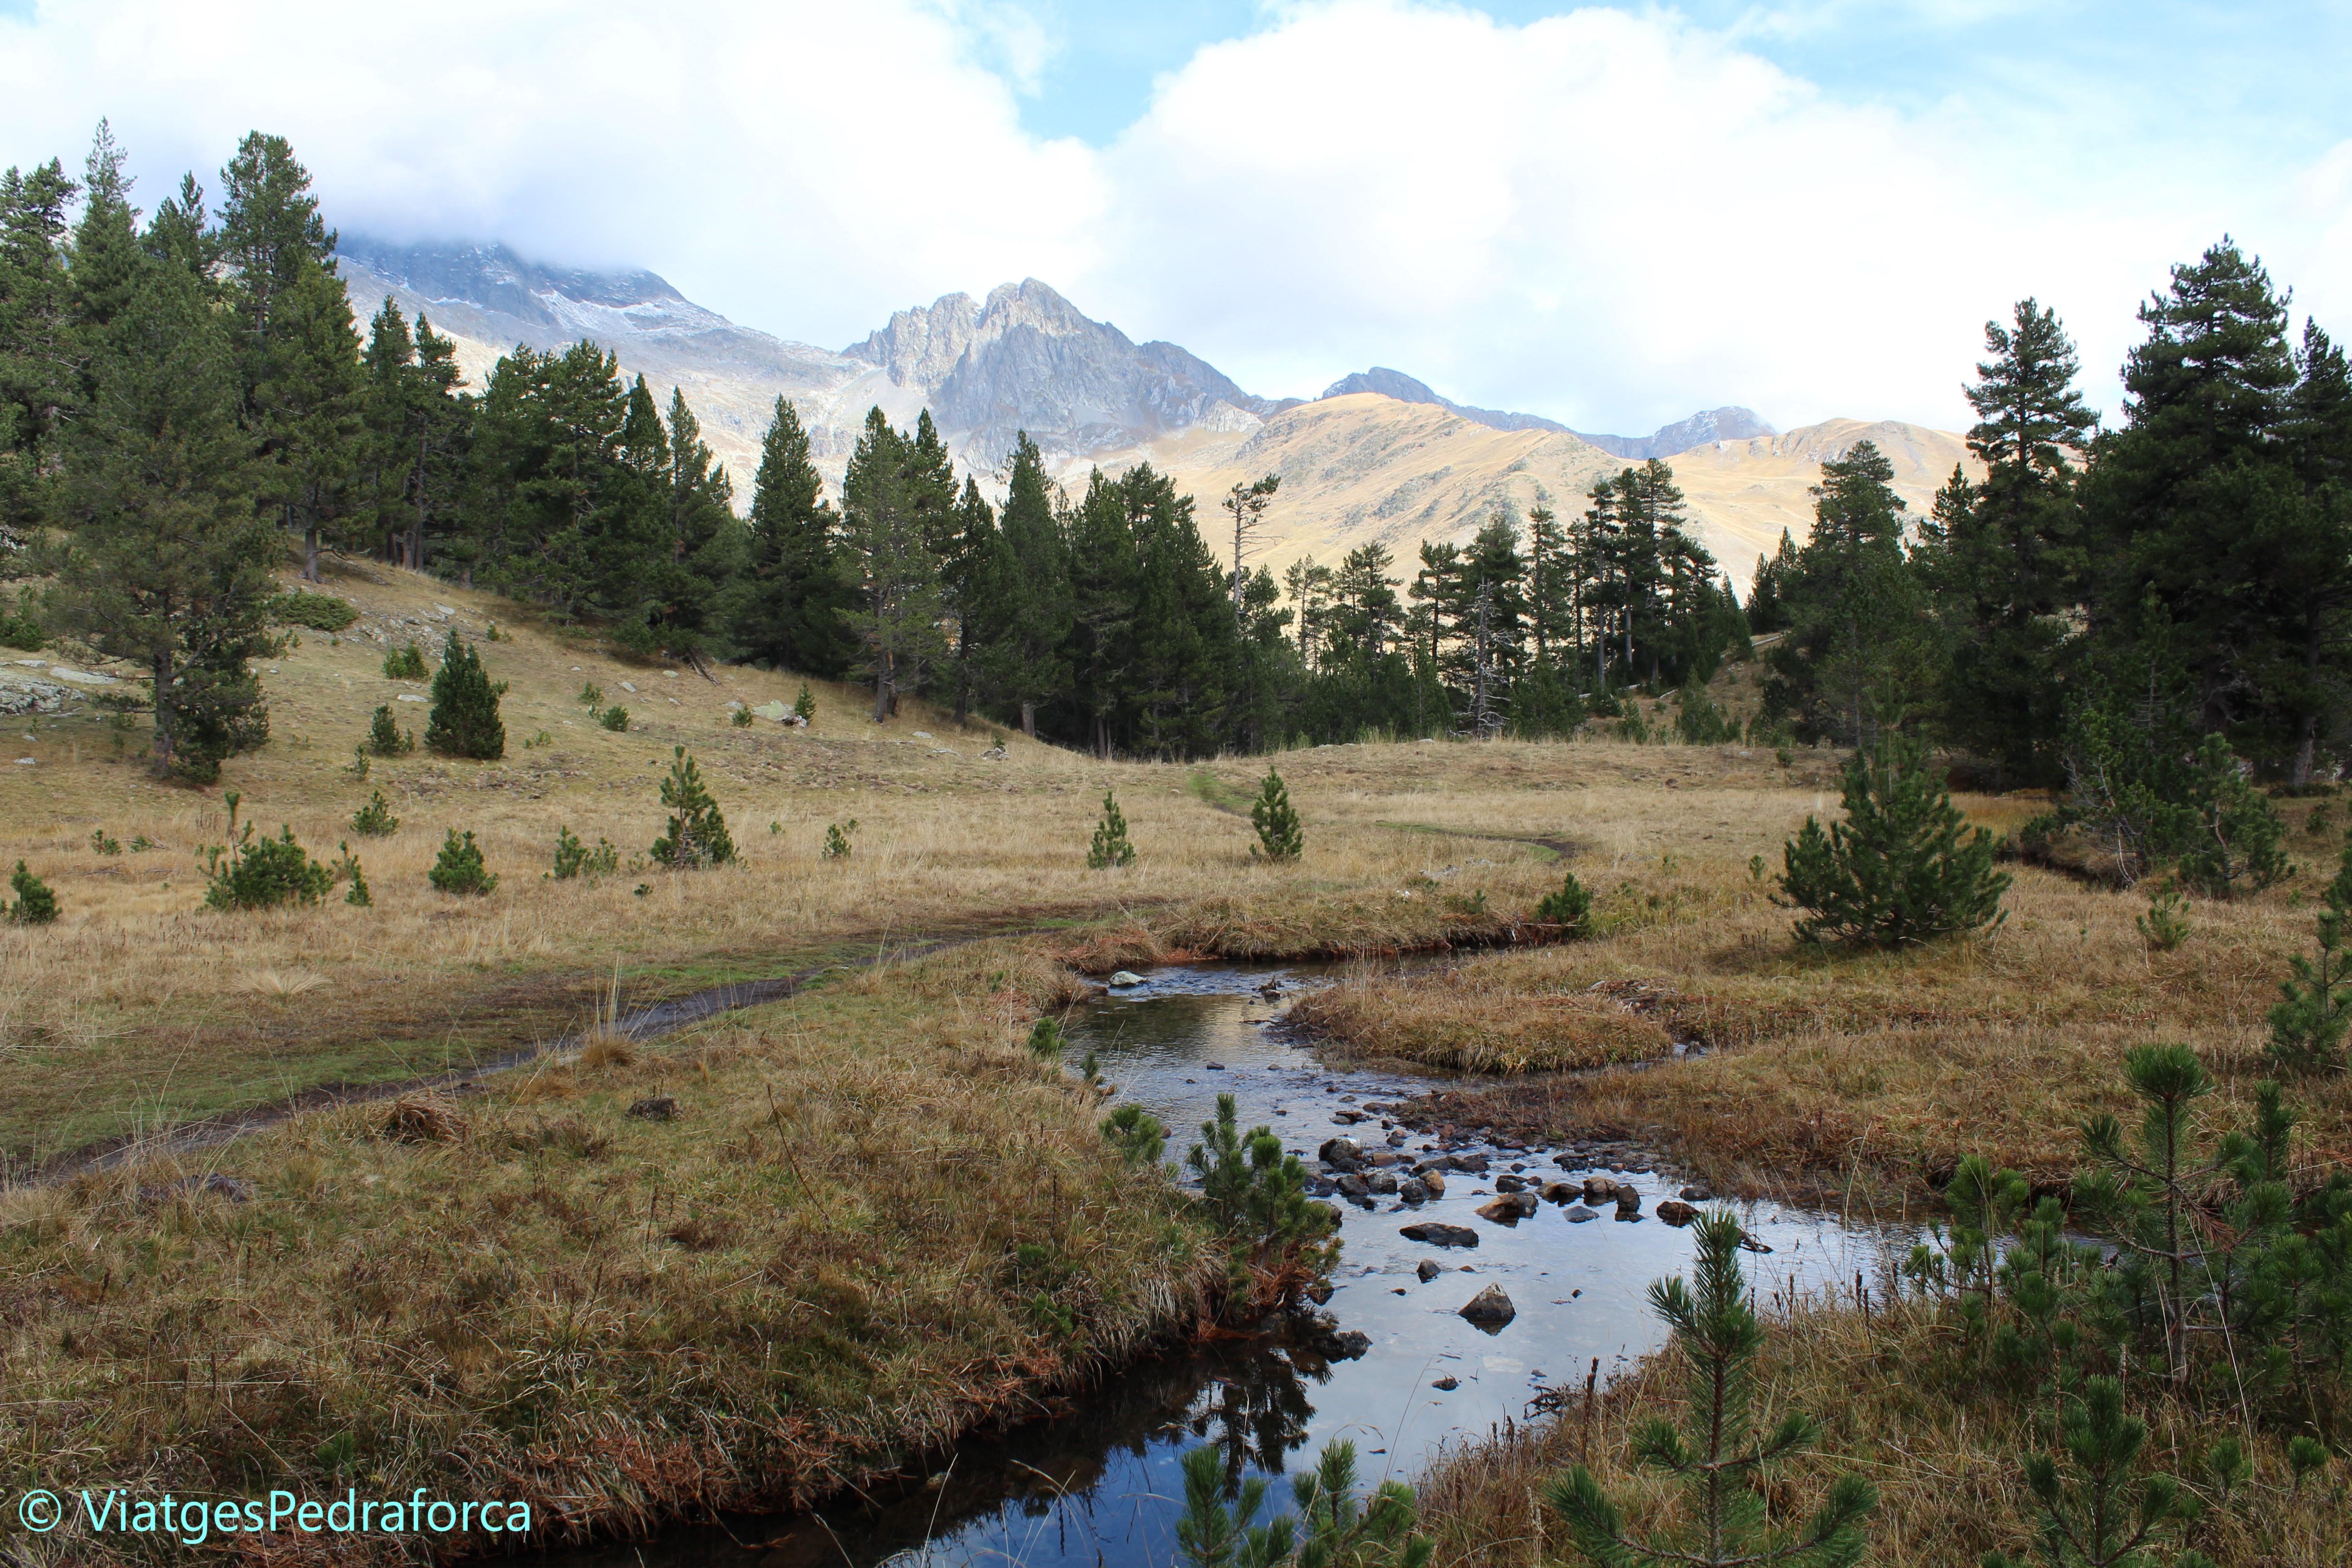 Vall de Benasc, Benasque, Vall d'Estós, Pirineus, natura, senderisme, Aragó, fotografia de natura